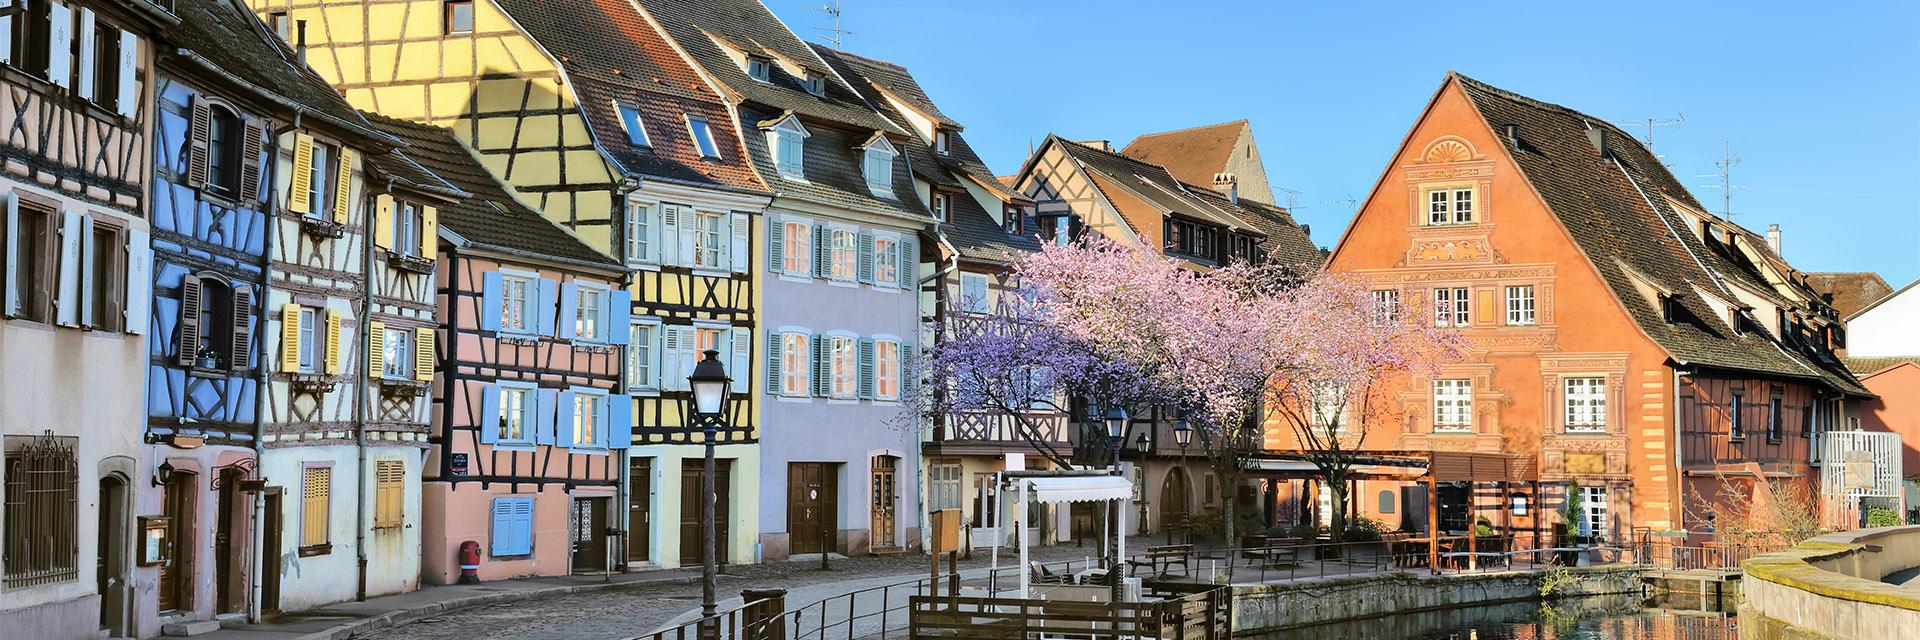 village-club-cap-france-vosqes-alsace-domaine-saint-jasques-alsace-colmar